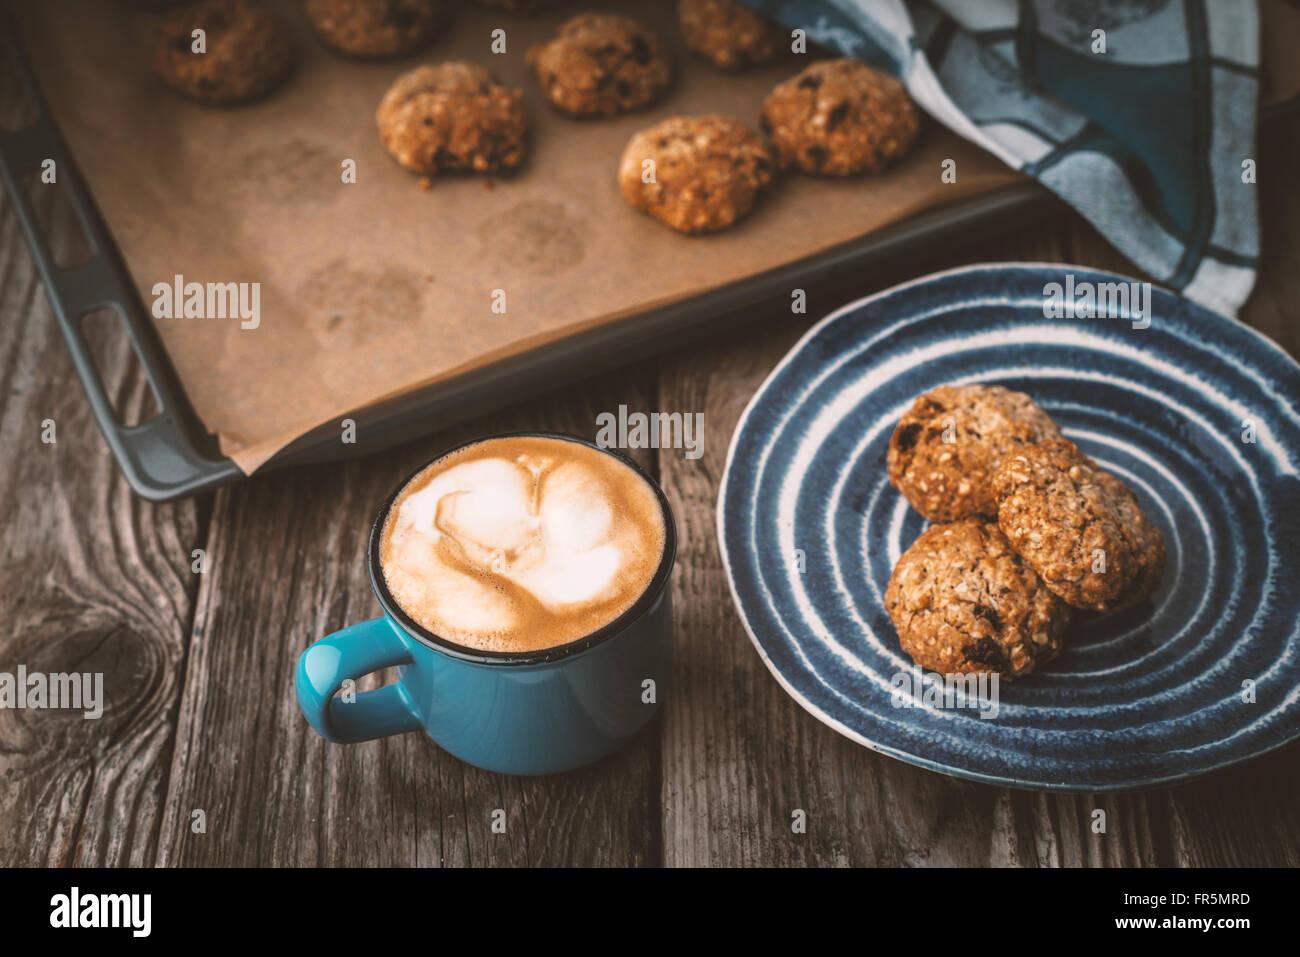 Galletas de harina de avena y la taza de café en una mesa de madera horizontales Imagen De Stock